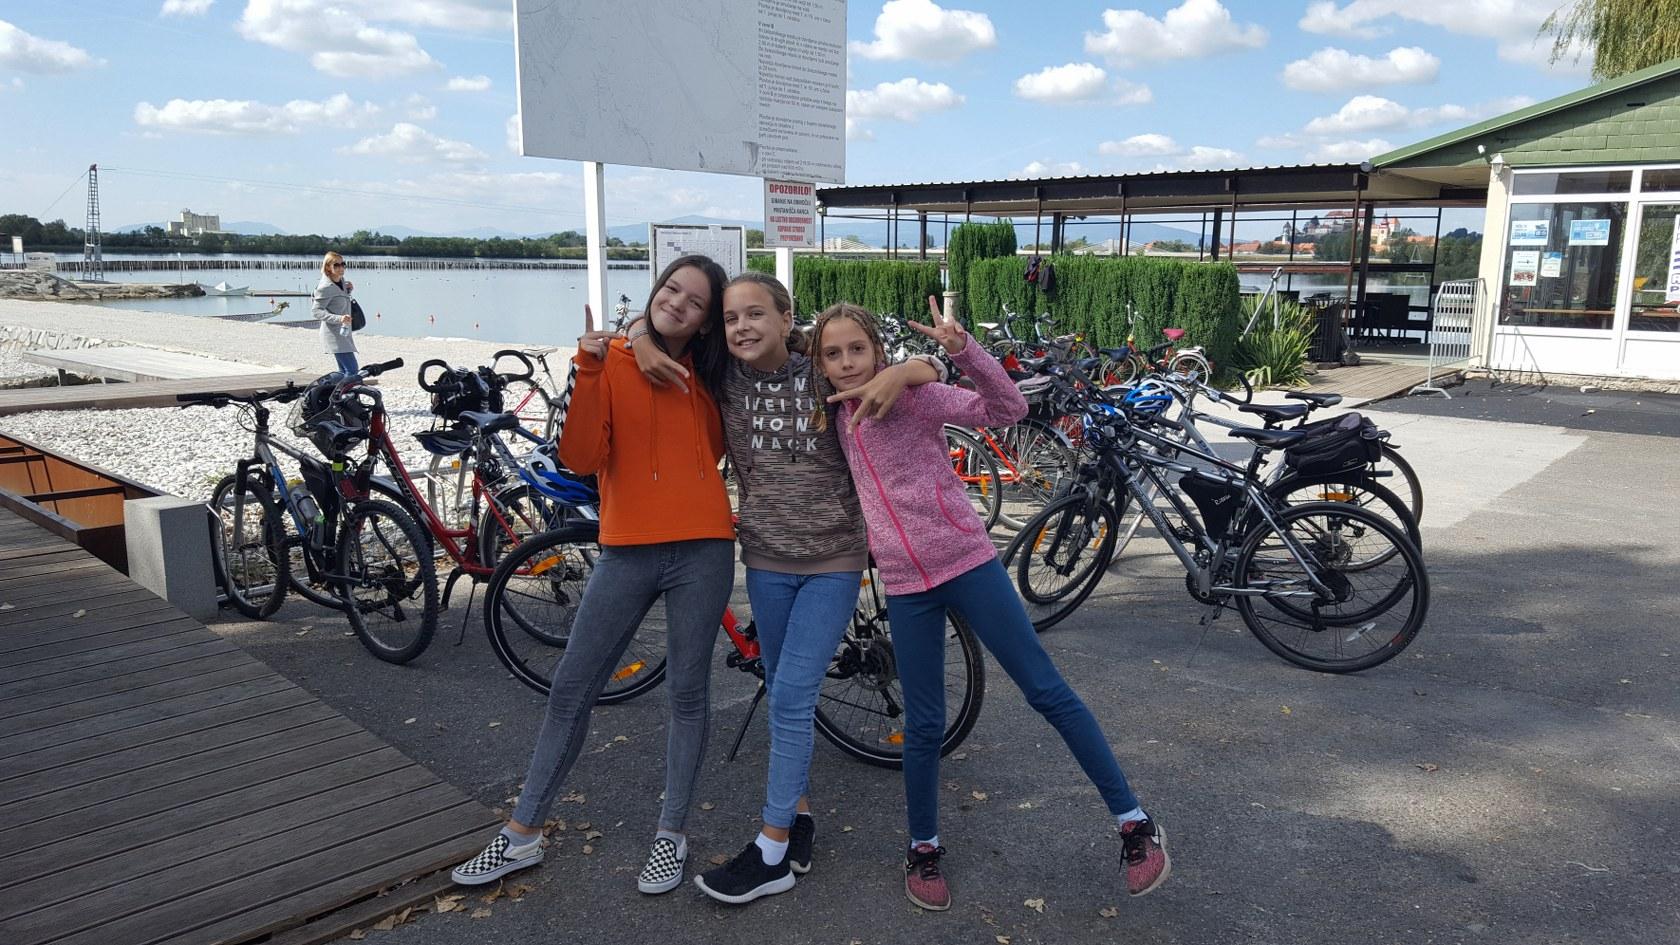 2019_09_20_kolesarski_izlet-6